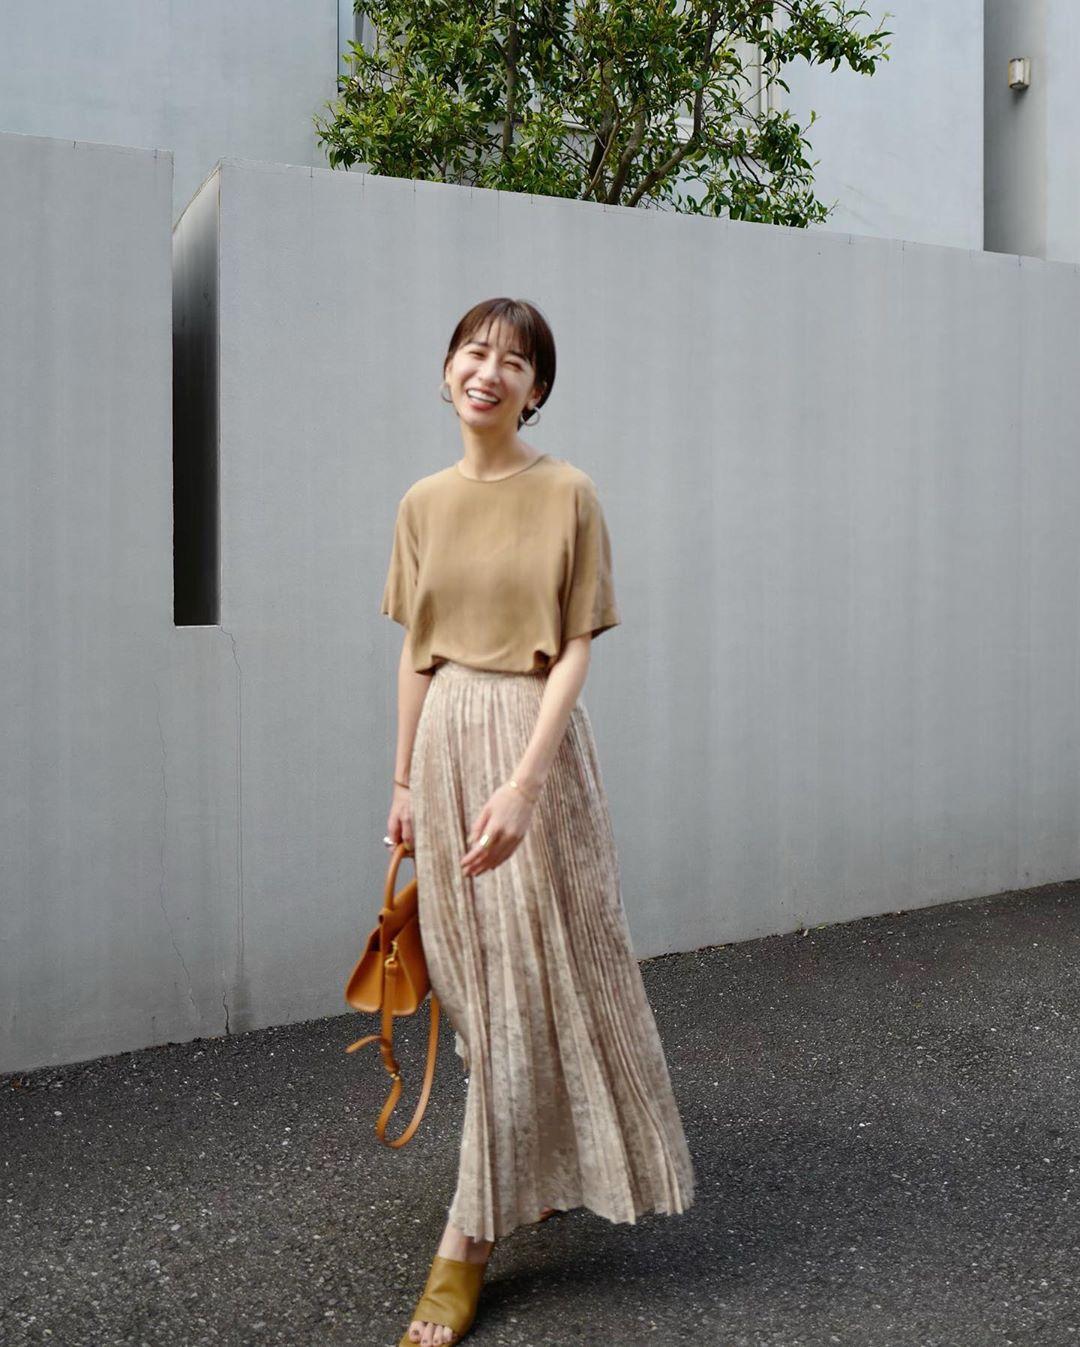 Nàng công sở Nhật chỉ cao 1m58 vẫn mặc đẹp hack dáng khiến đồng nghiệp phải khen ngợi - Ảnh 6.